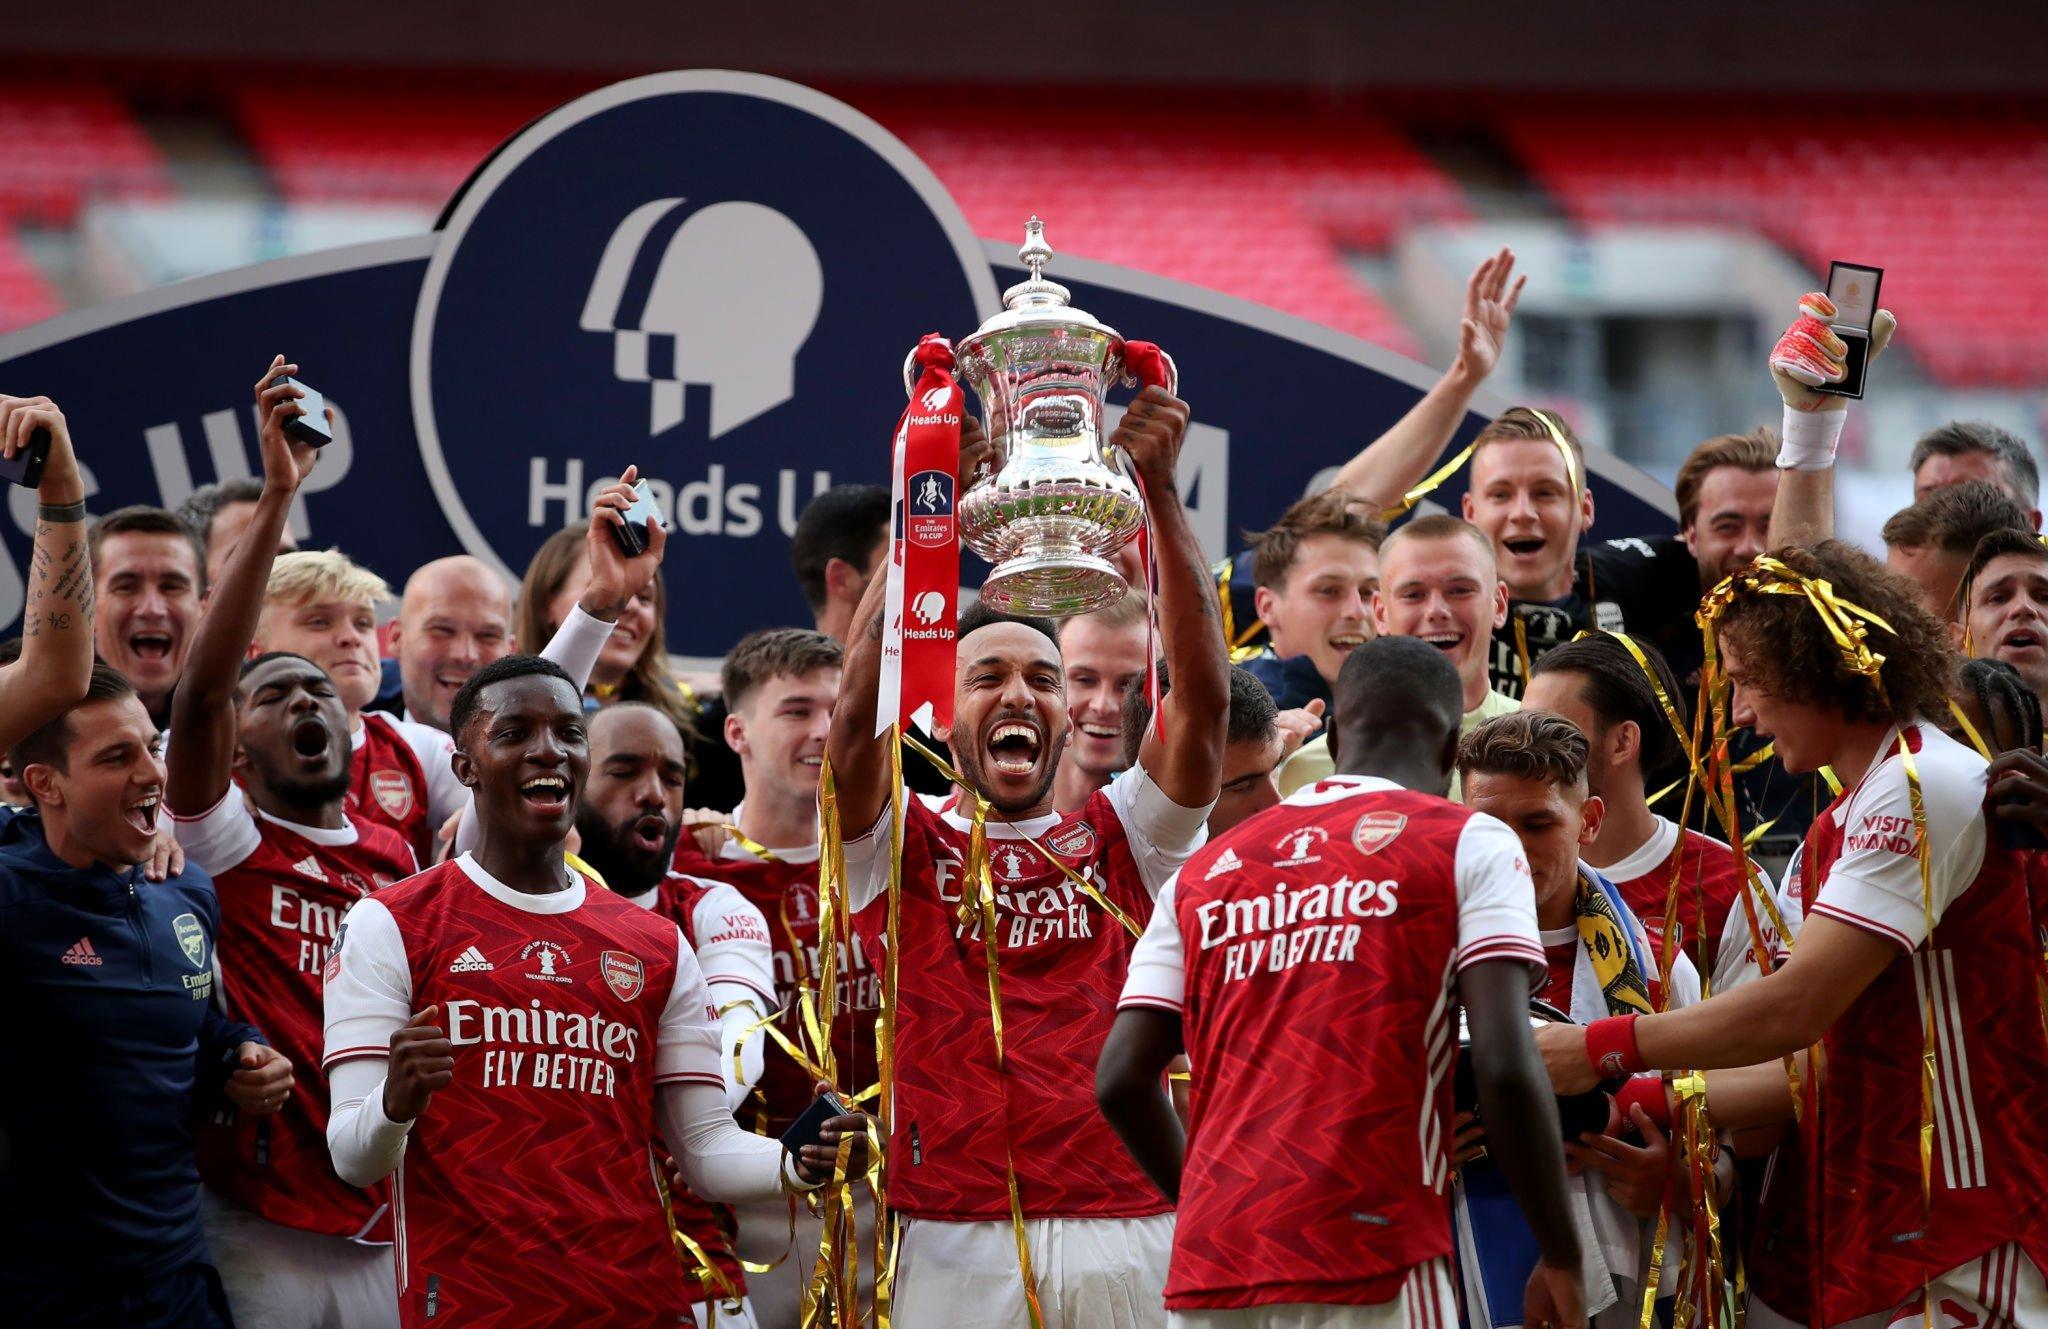 آرسنال  يتوج بلقب كأس الاتحاد الإنجليزي للمرة الـ14 في تاريخه